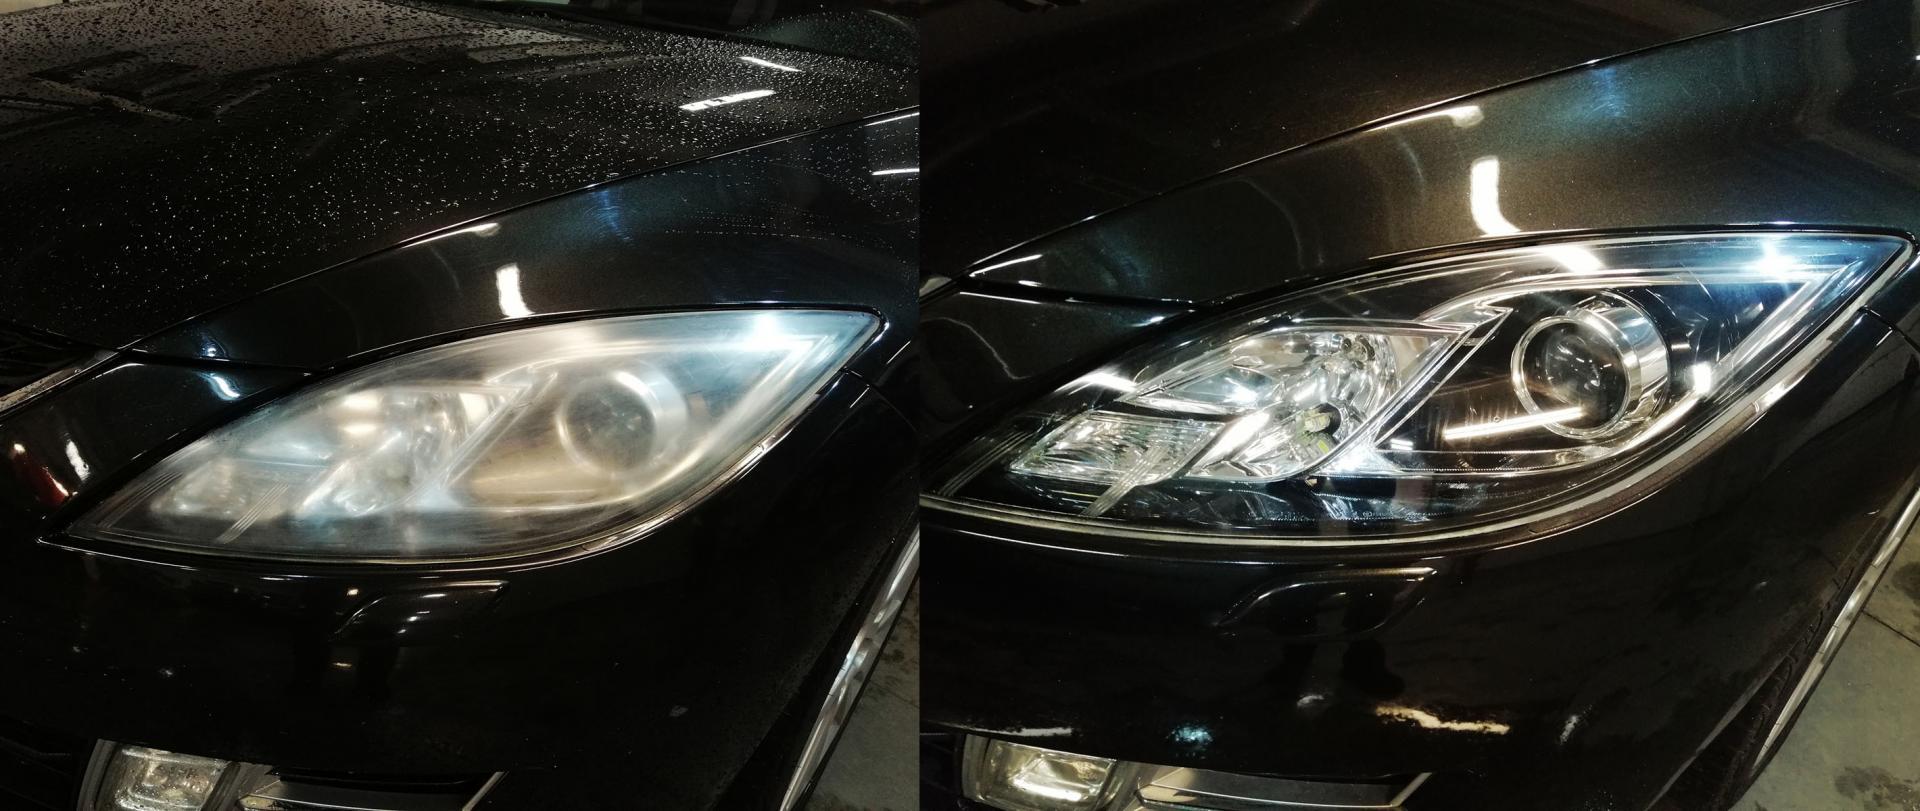 Prestige garage - Polerowanie lamp samochodowych